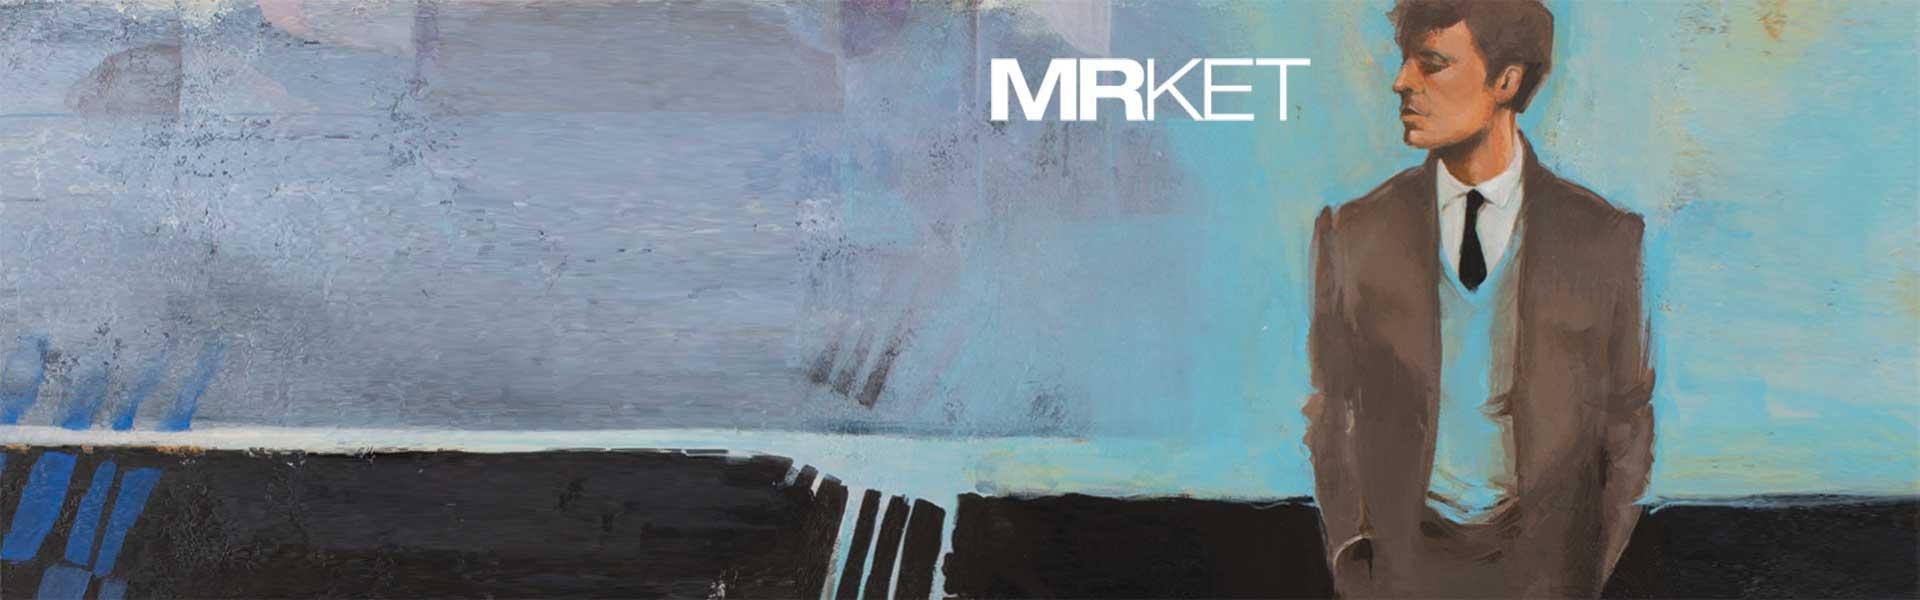 20 – 21 – 22 January 2019 MRKET show in NEW YORK